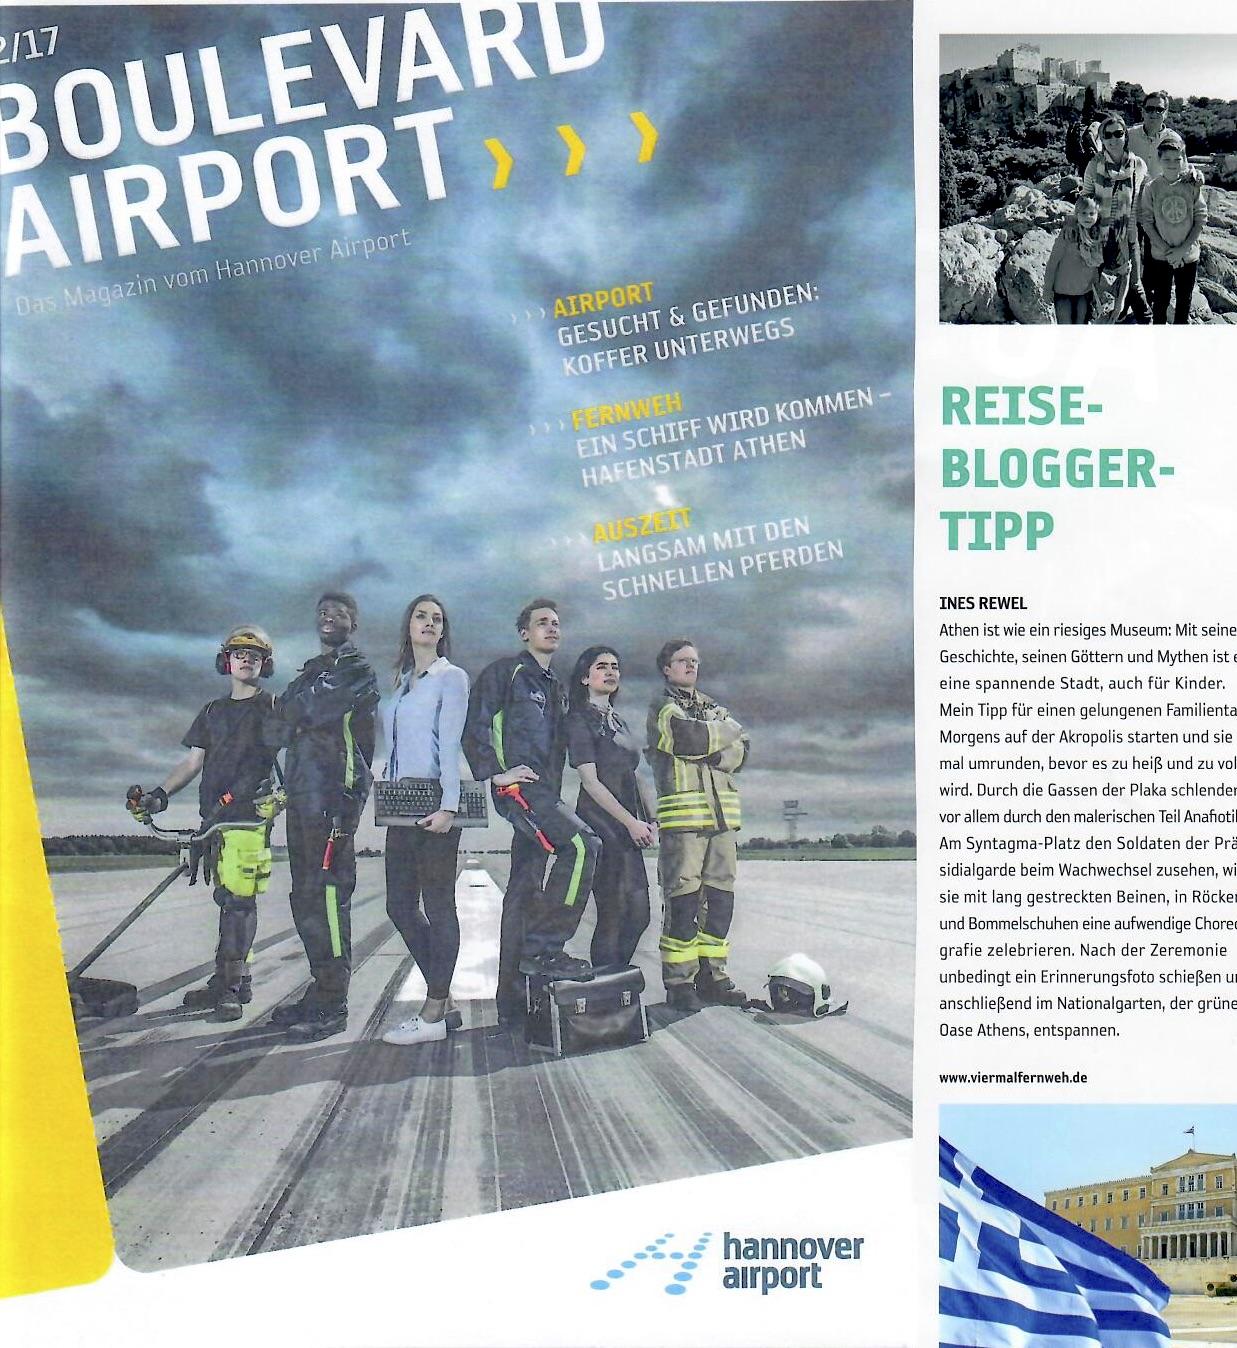 Reiseblog Viermal Fernweh in den Medien